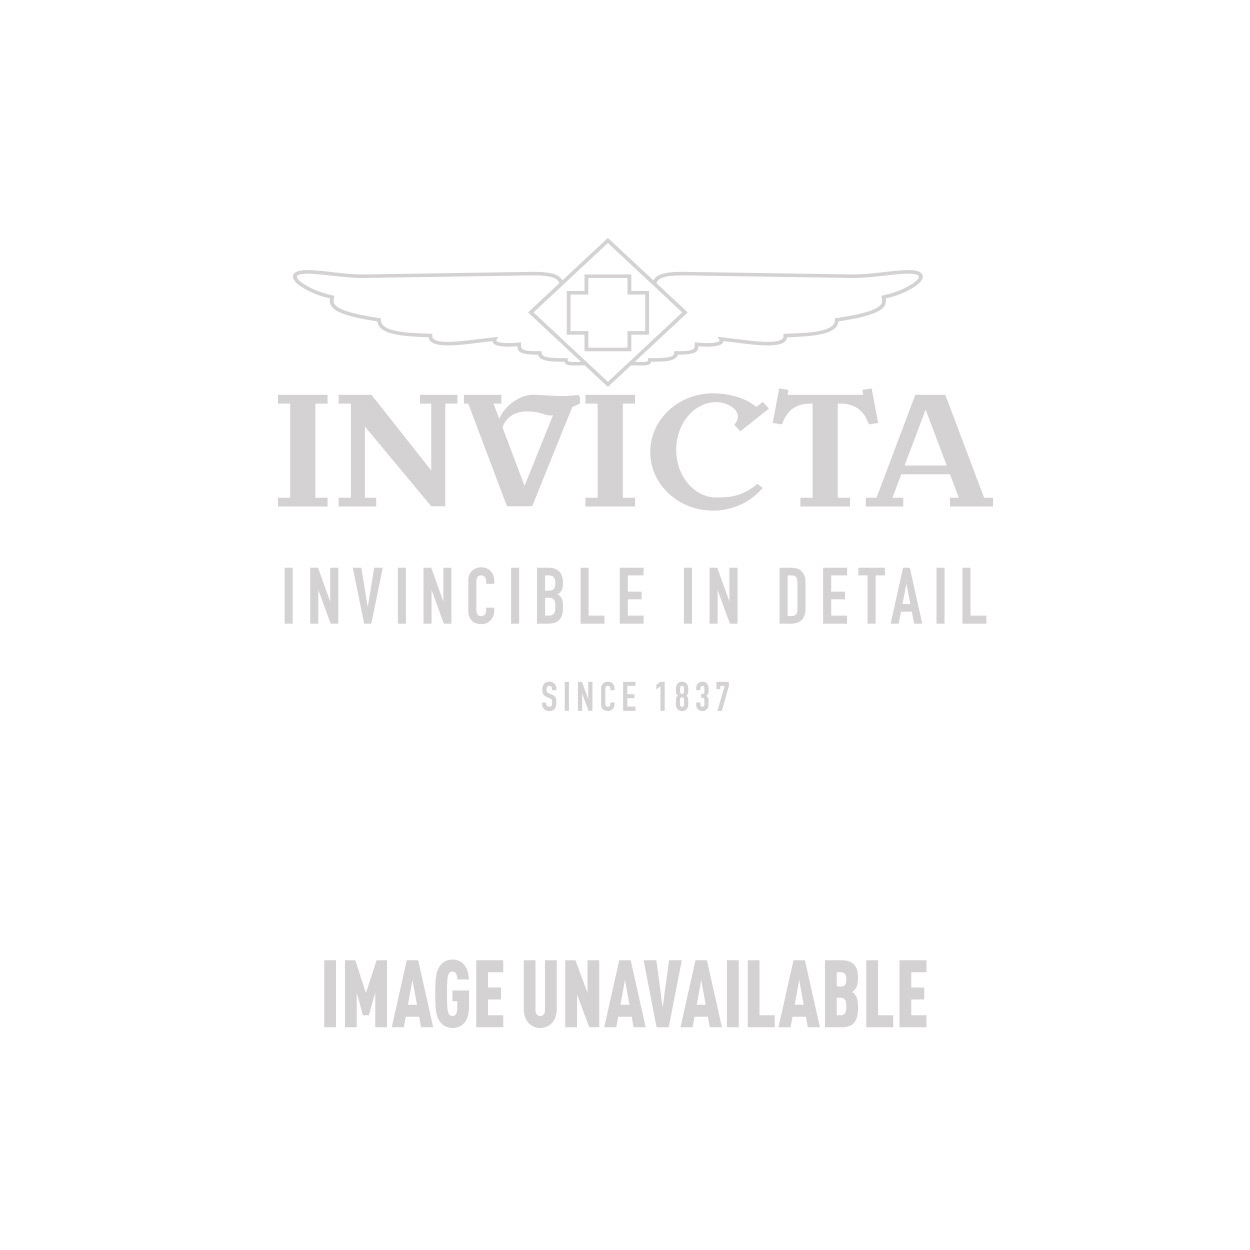 Invicta Model 29193